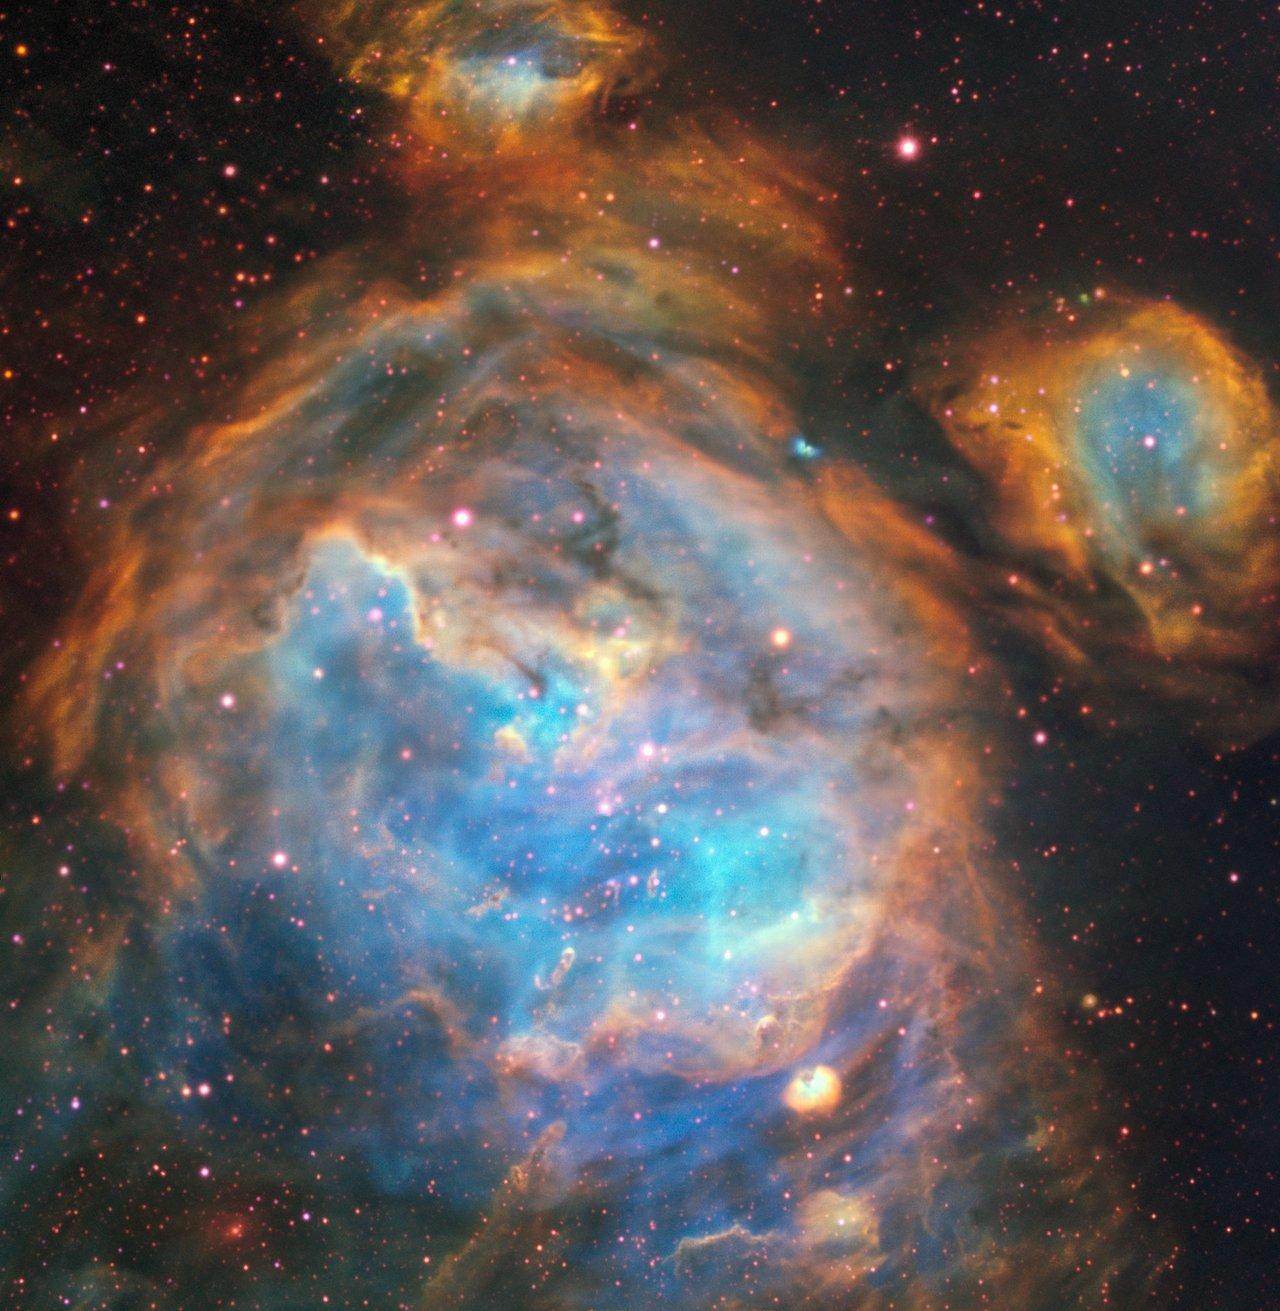 Снимок области LHA 120-N 180B в Большом Магеллановом Облаке